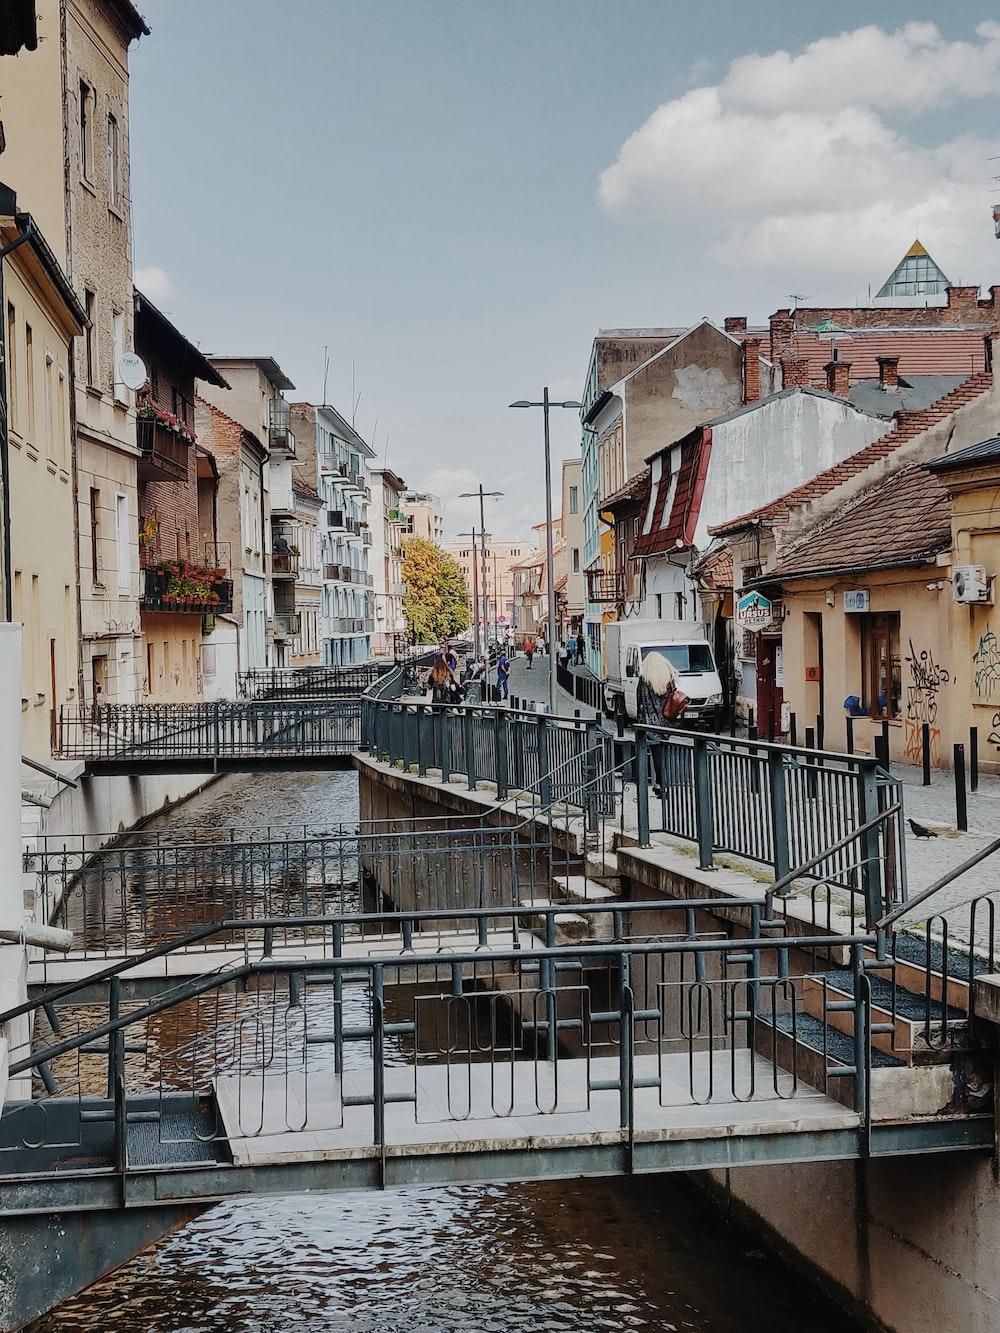 bridges in city